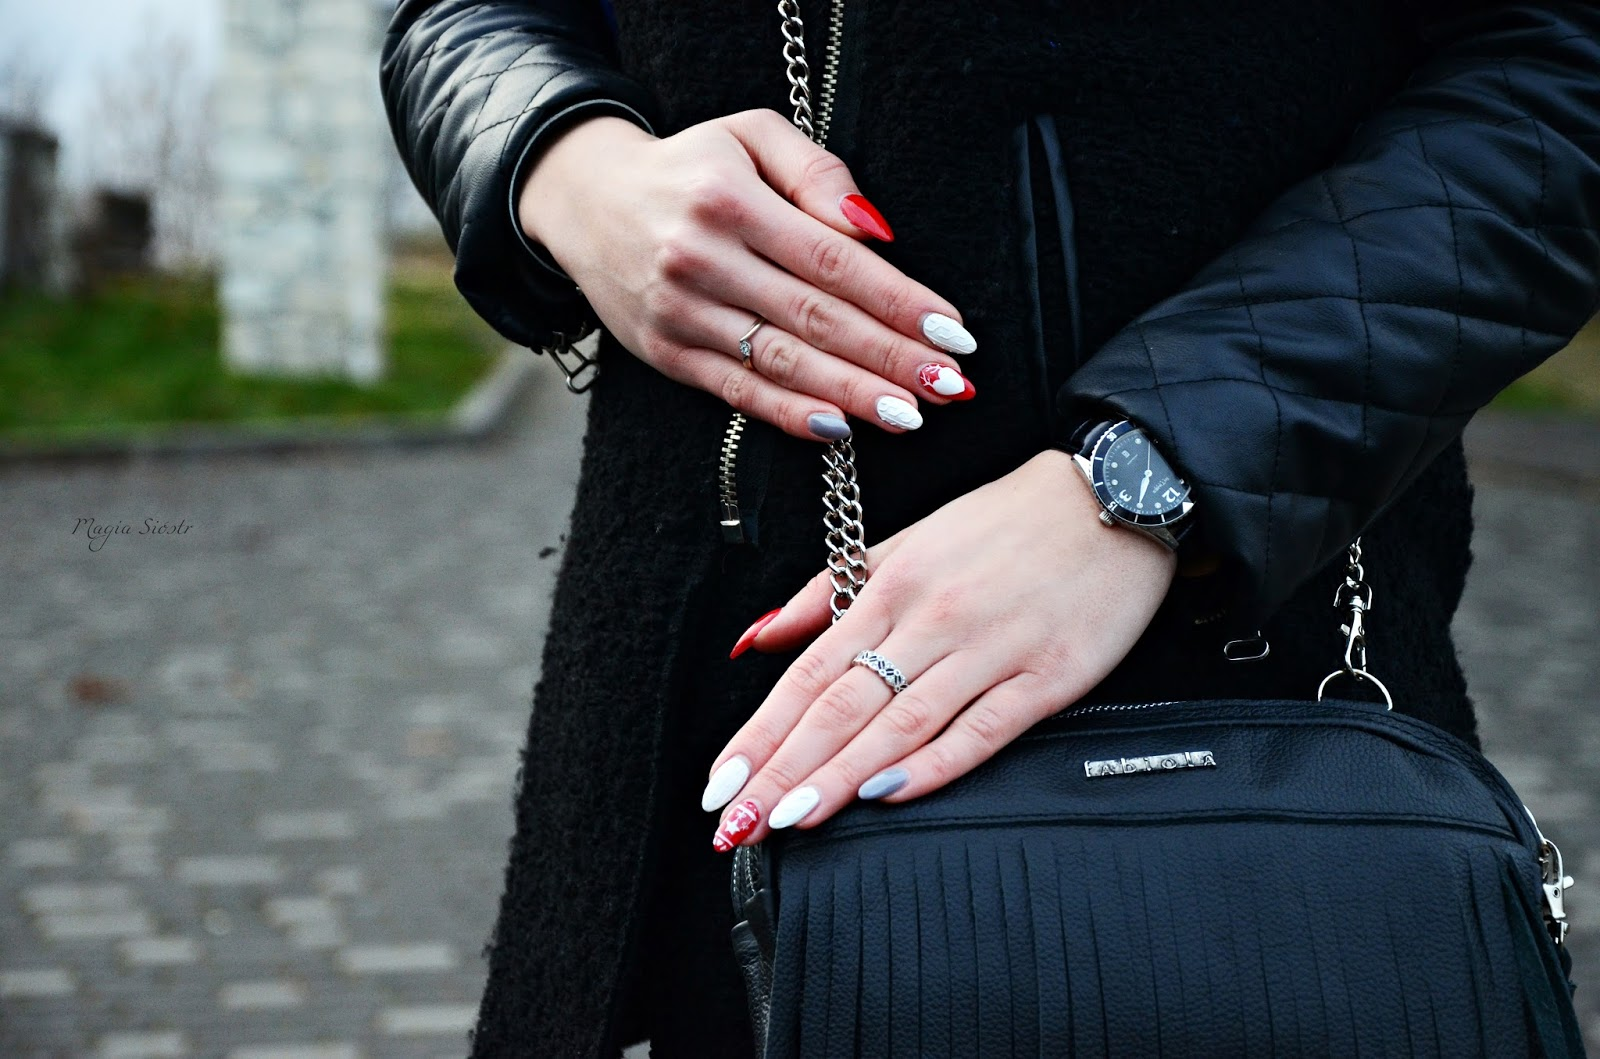 zimowe paznokcie, zimowa stylizacja paznokci, zimowe wzory na paznokciach, paznokcie świąteczne